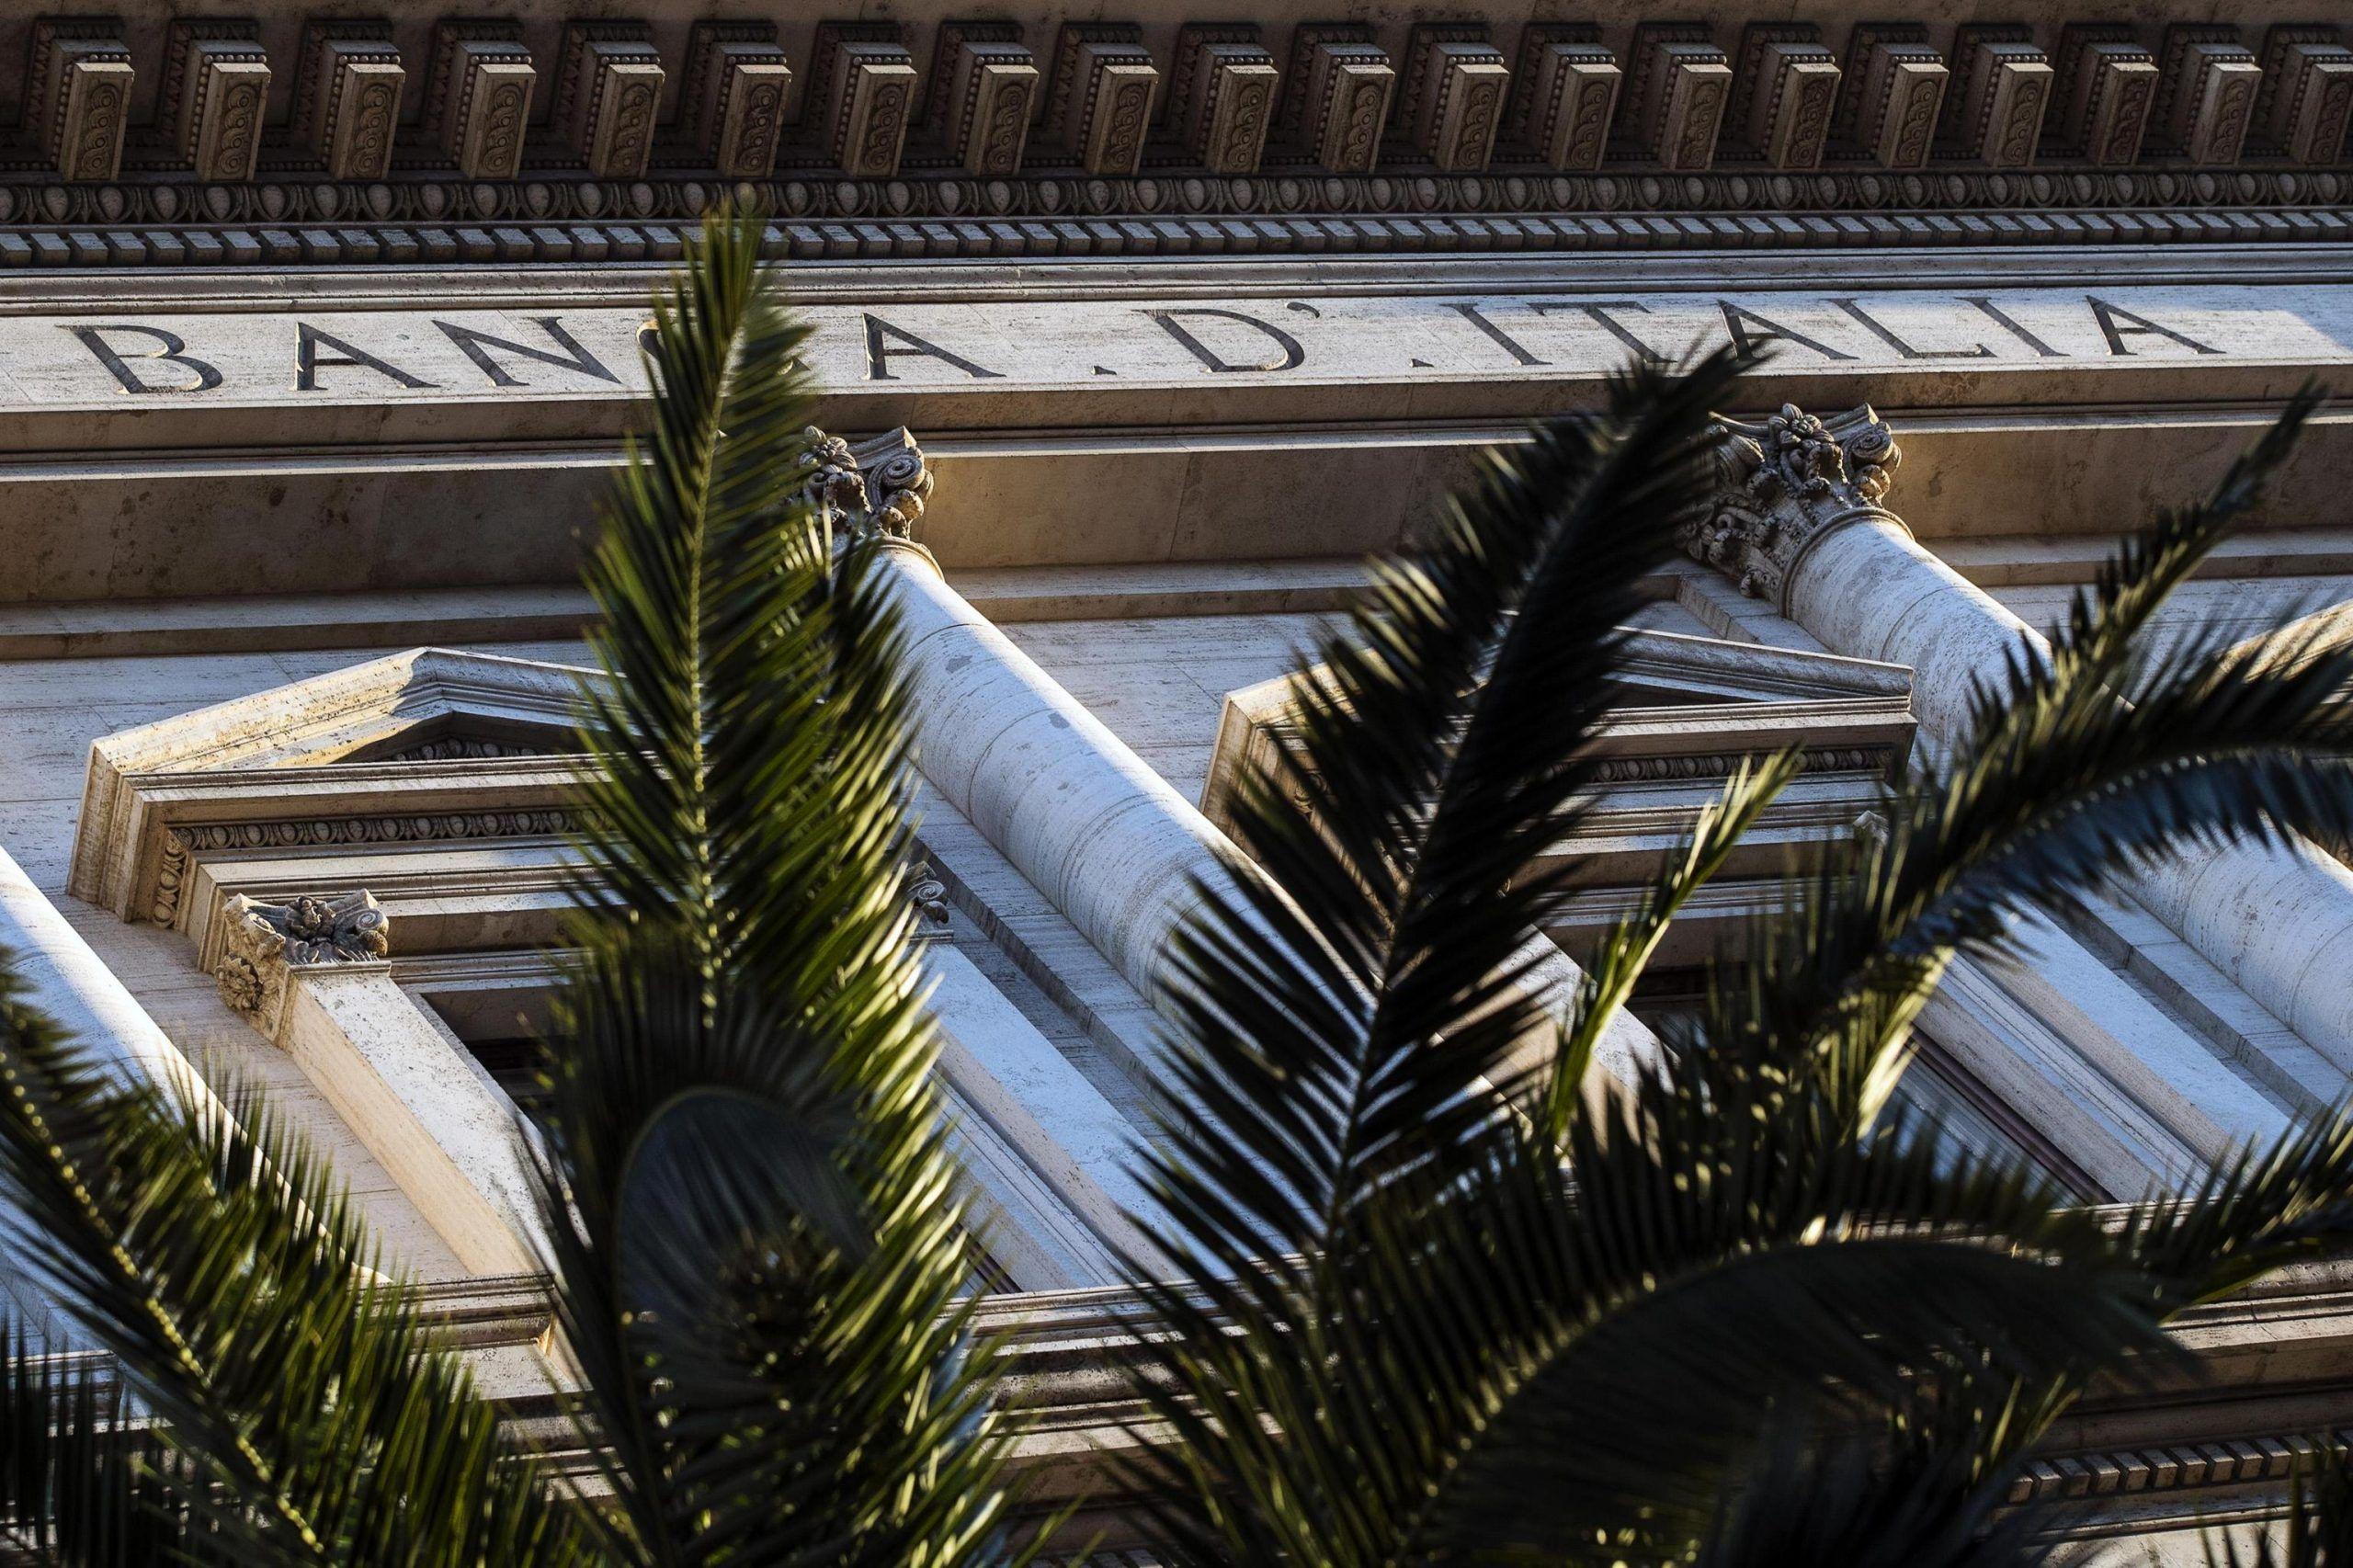 La sede centrale della Banca d'Italia